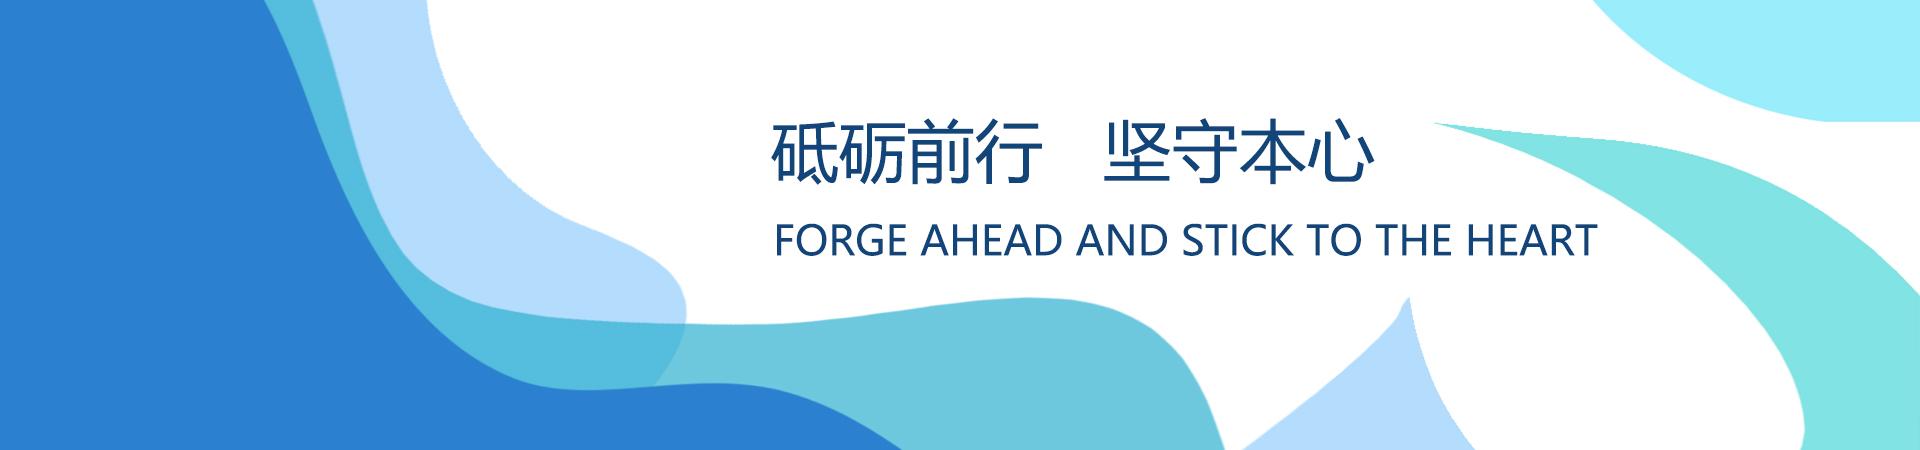 http://en.sealstar.cn/data/upload/202009/20200902155201_404.jpg